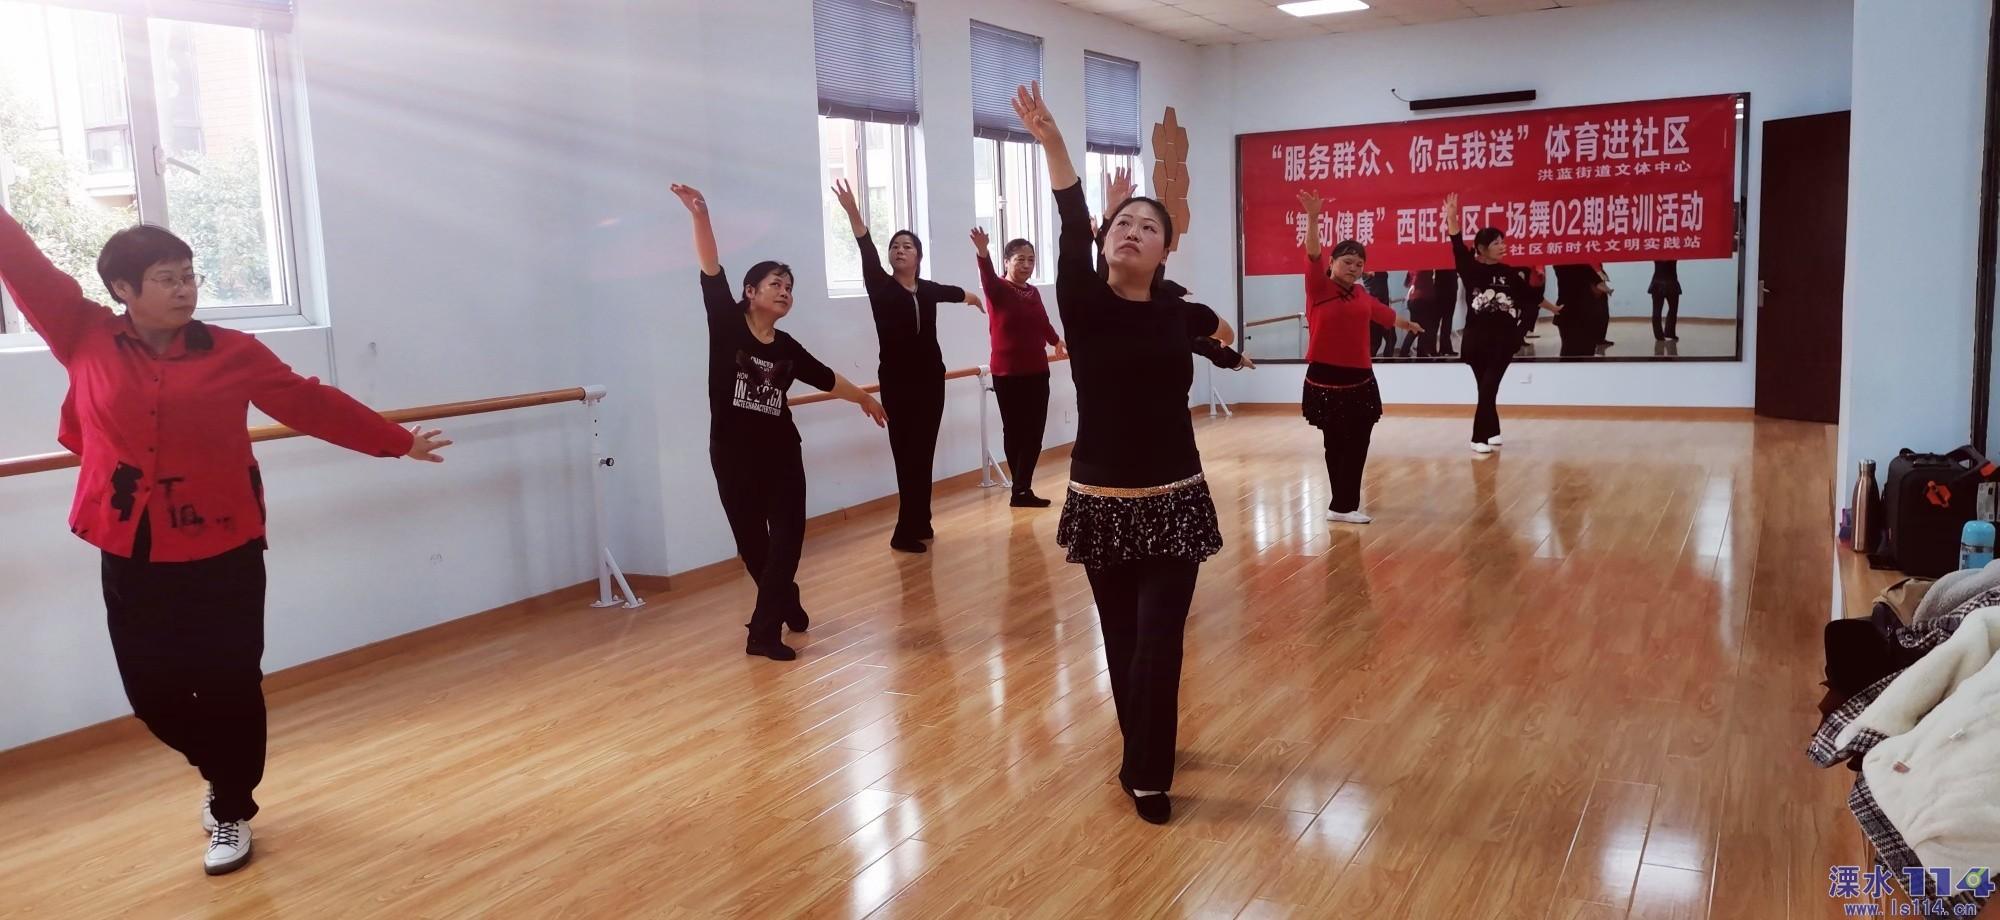 广场舞协会公益培训活动